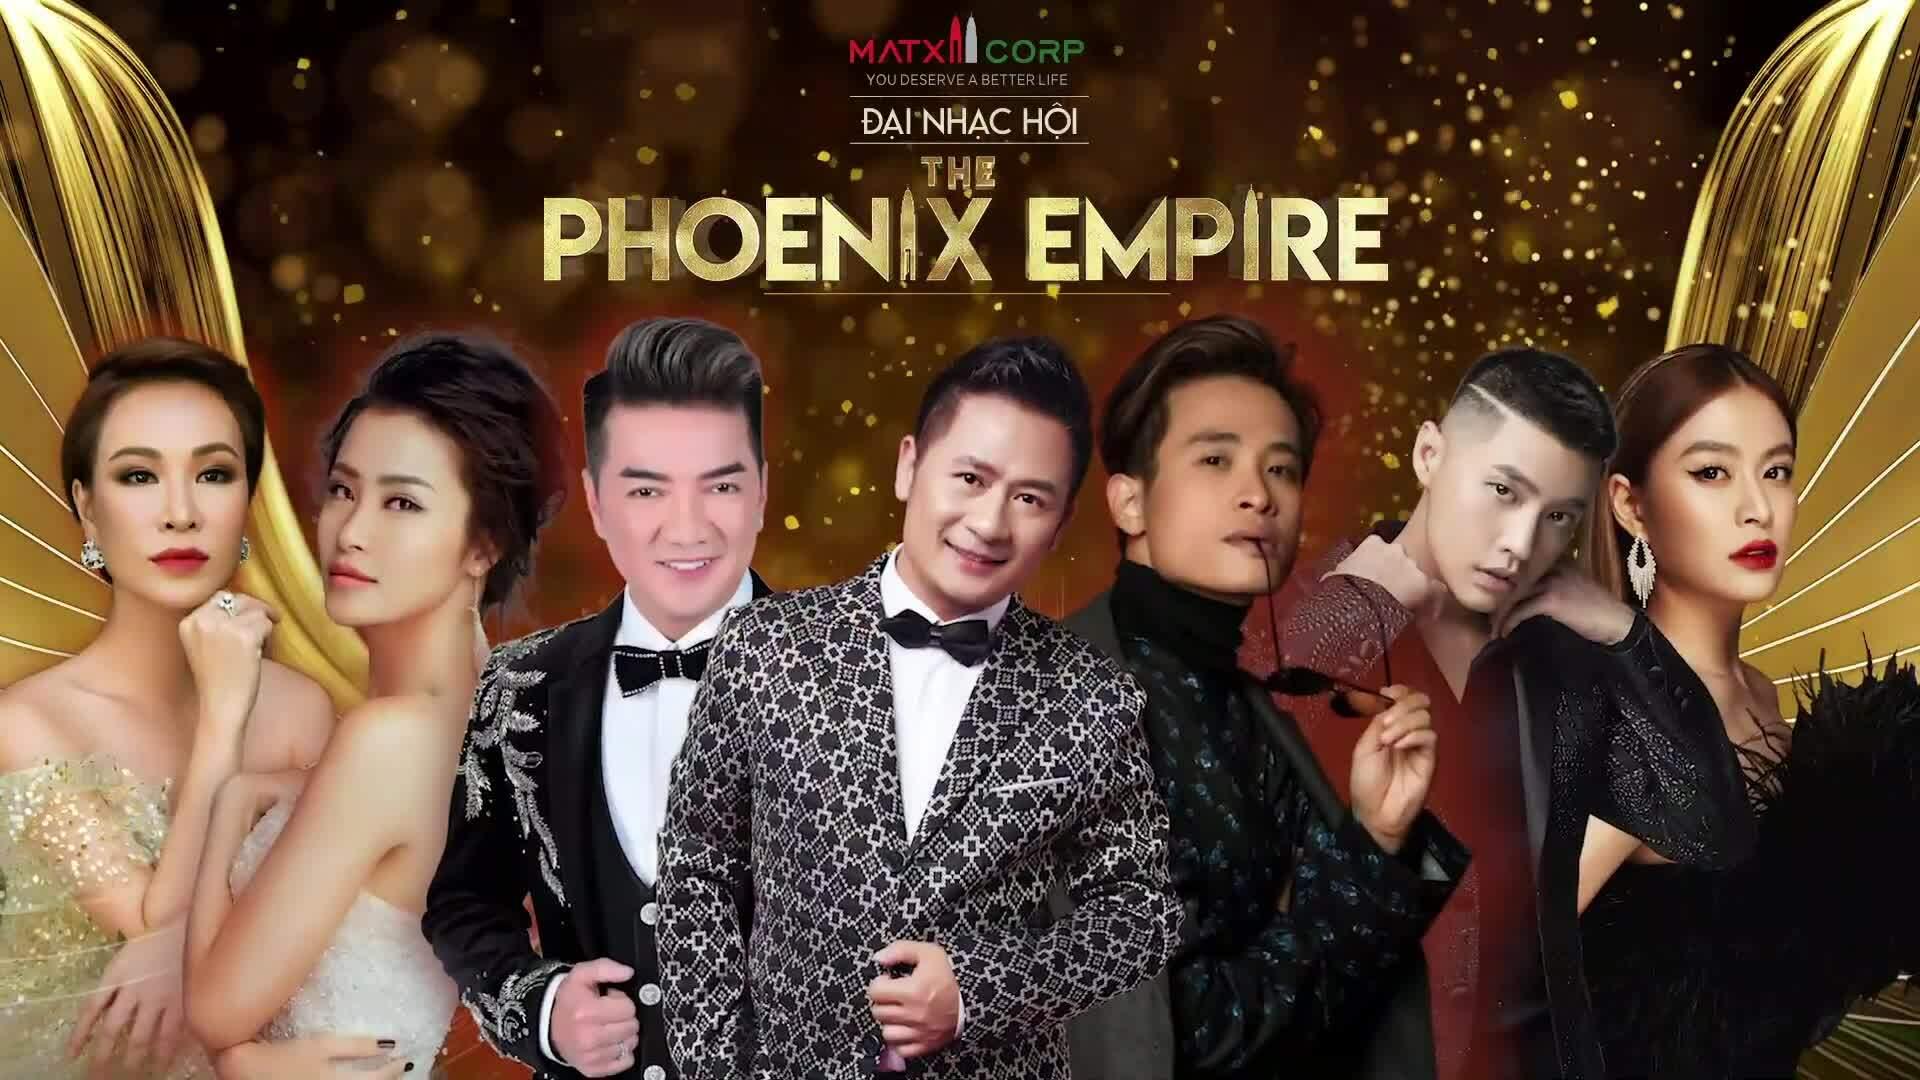 Hà Anh Tuấn, Hoàng Thuỳ Linh cùng hàng loạt ca sĩ nổi tiếng tham gia đêm nhạc hoành tráng (xin bài e